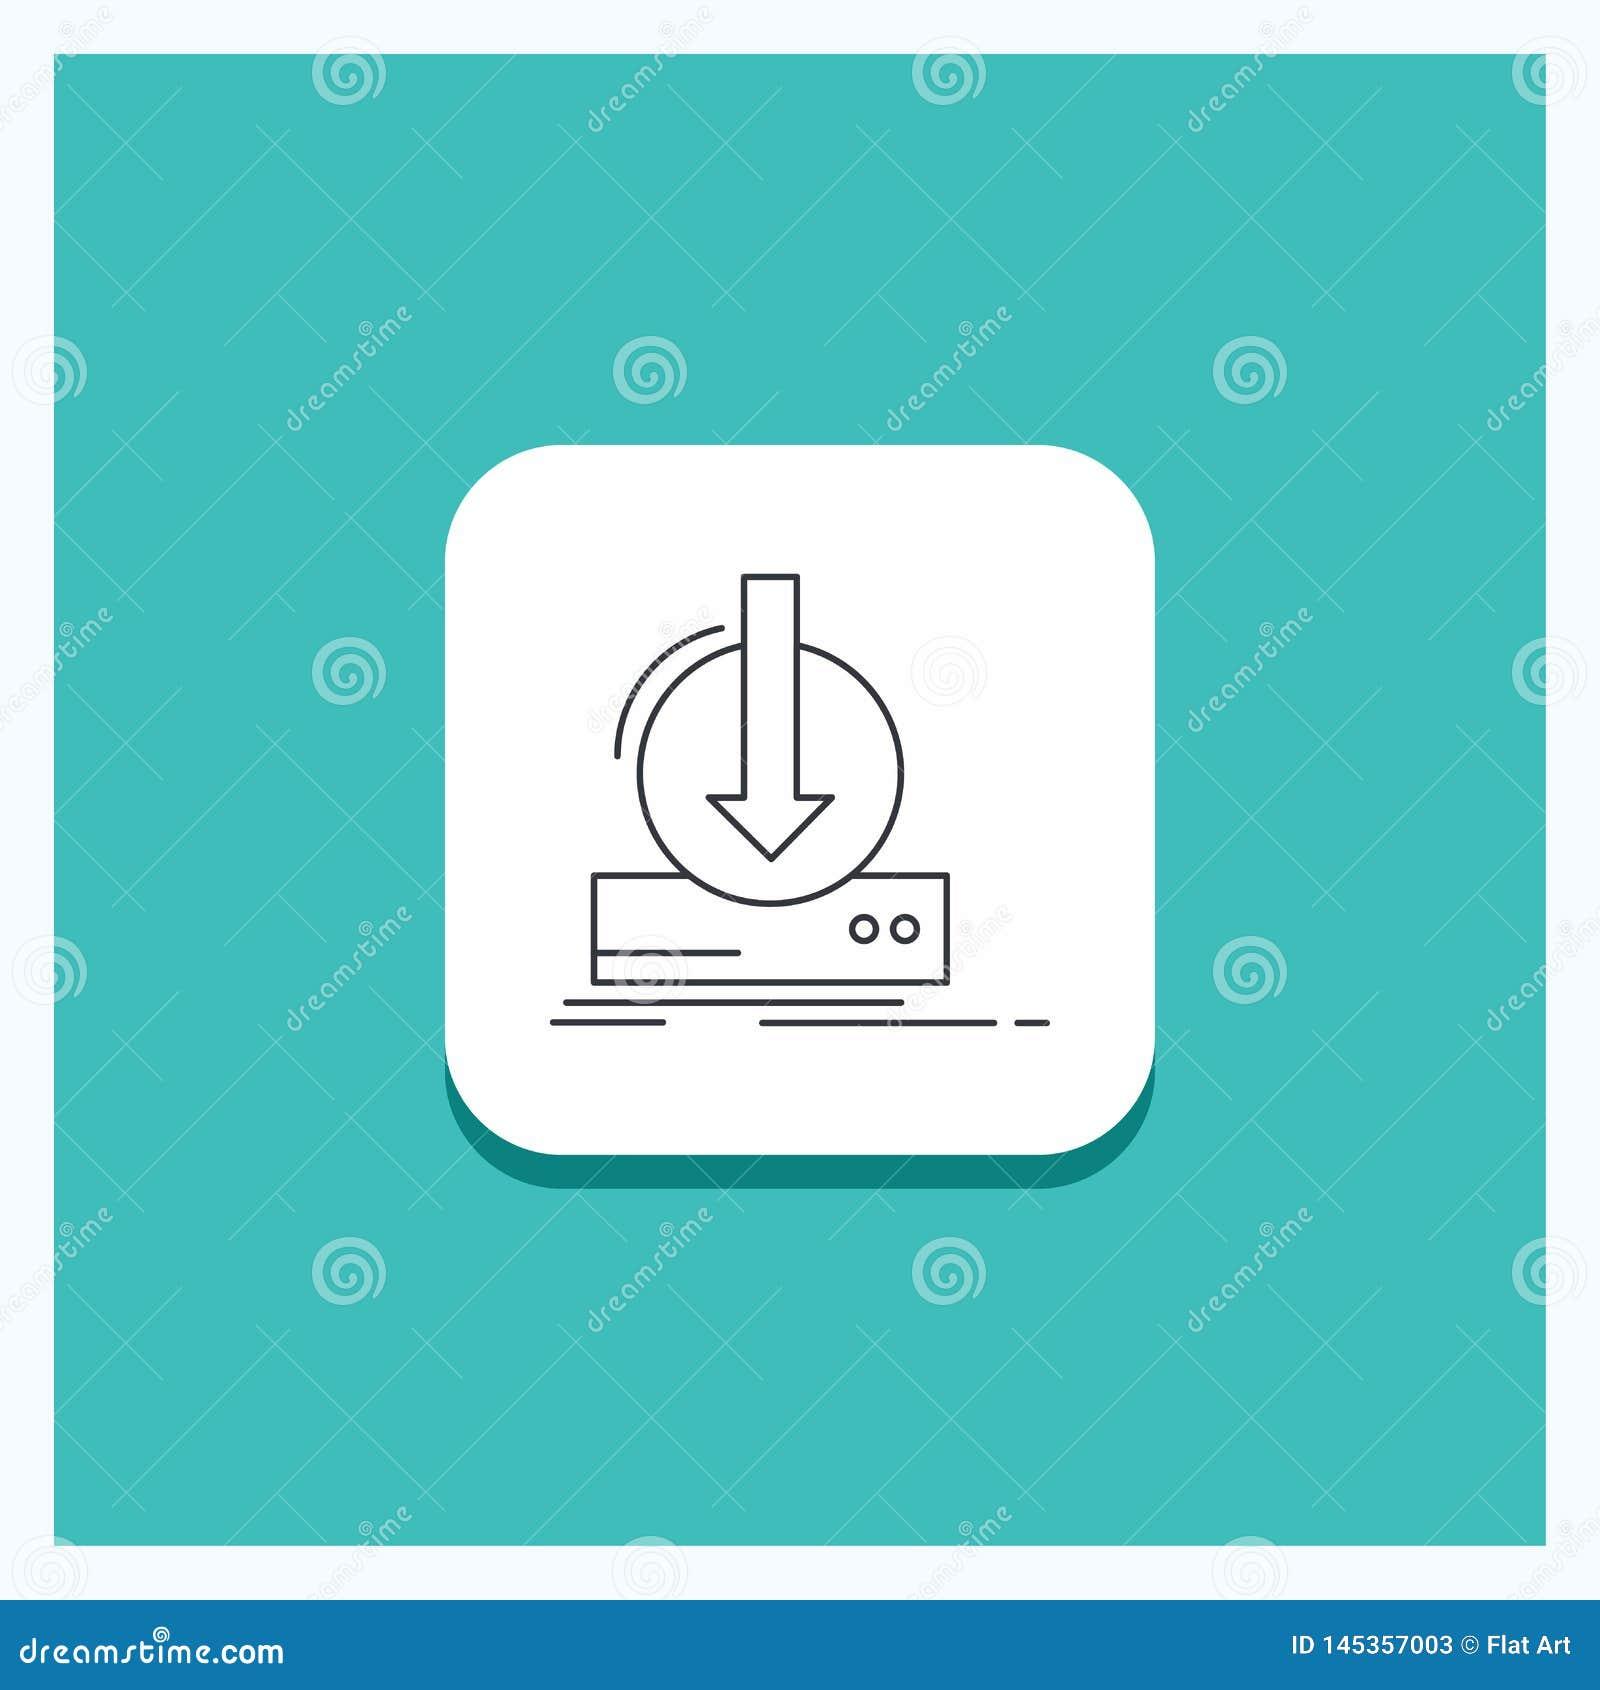 Ronde Knoop voor Toevoeging, inhoud, dlc, download, het pictogram Turkooise Achtergrond van de spellijn